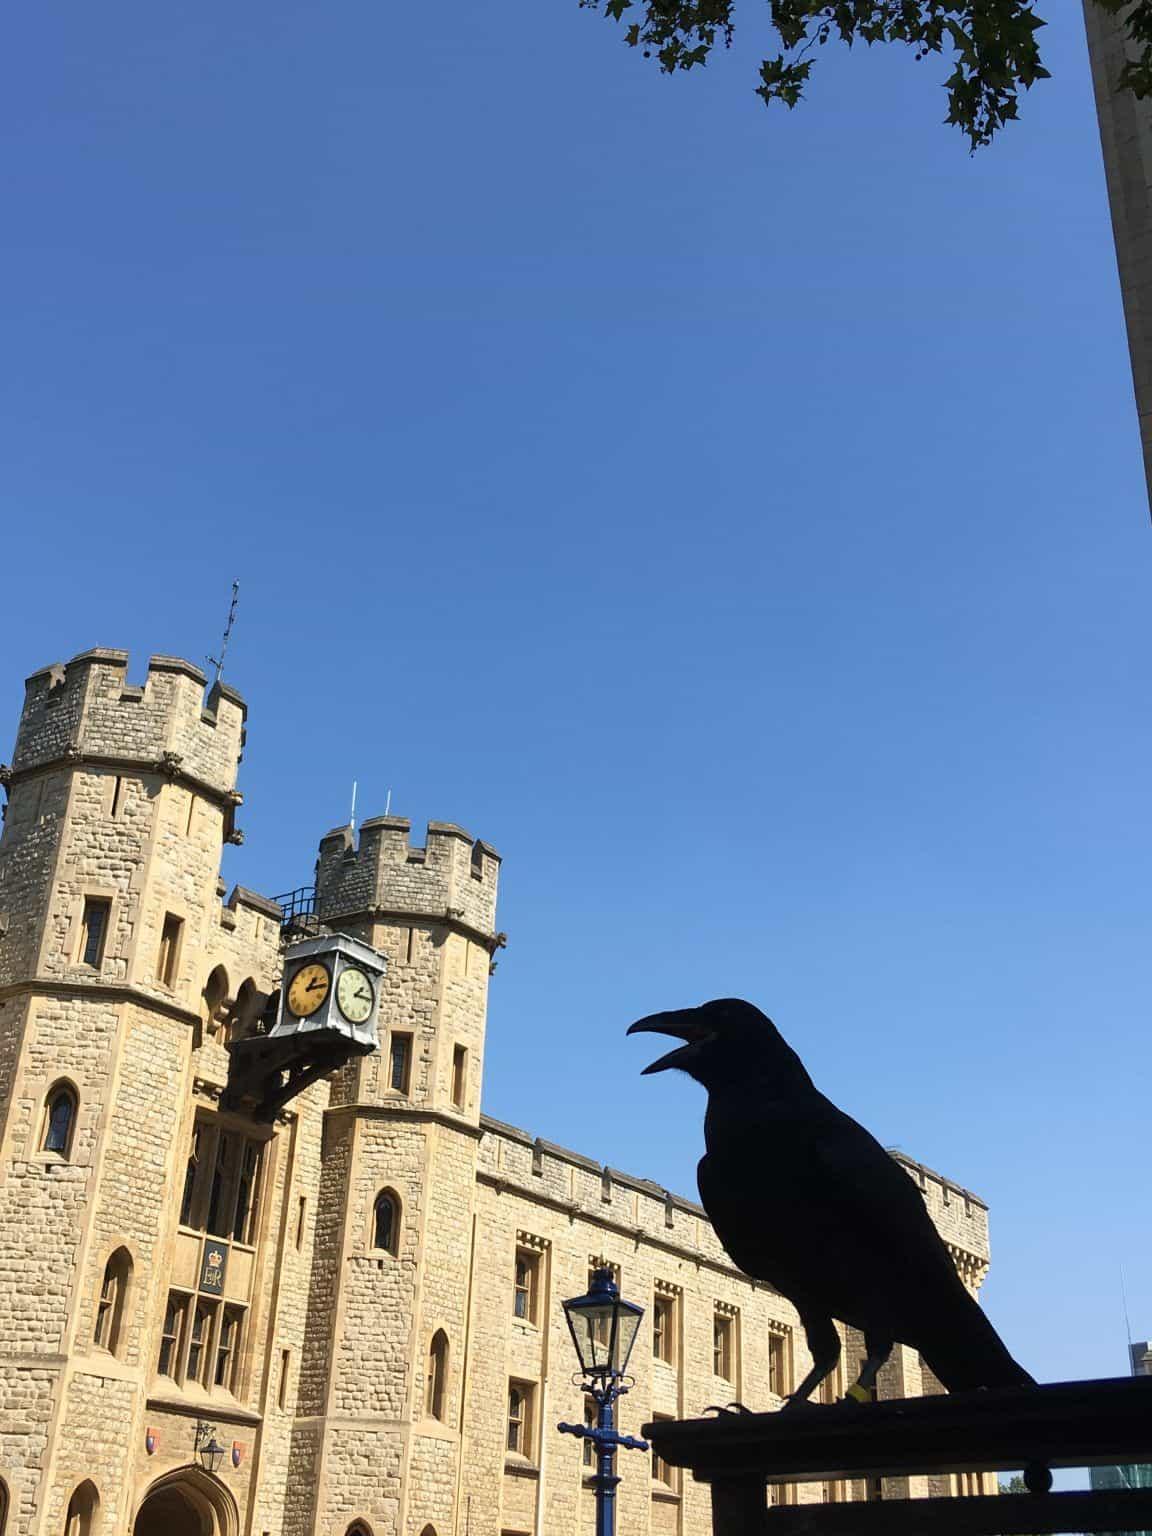 La tour blanche et un corbeau, petit résident de la Tour de Londres